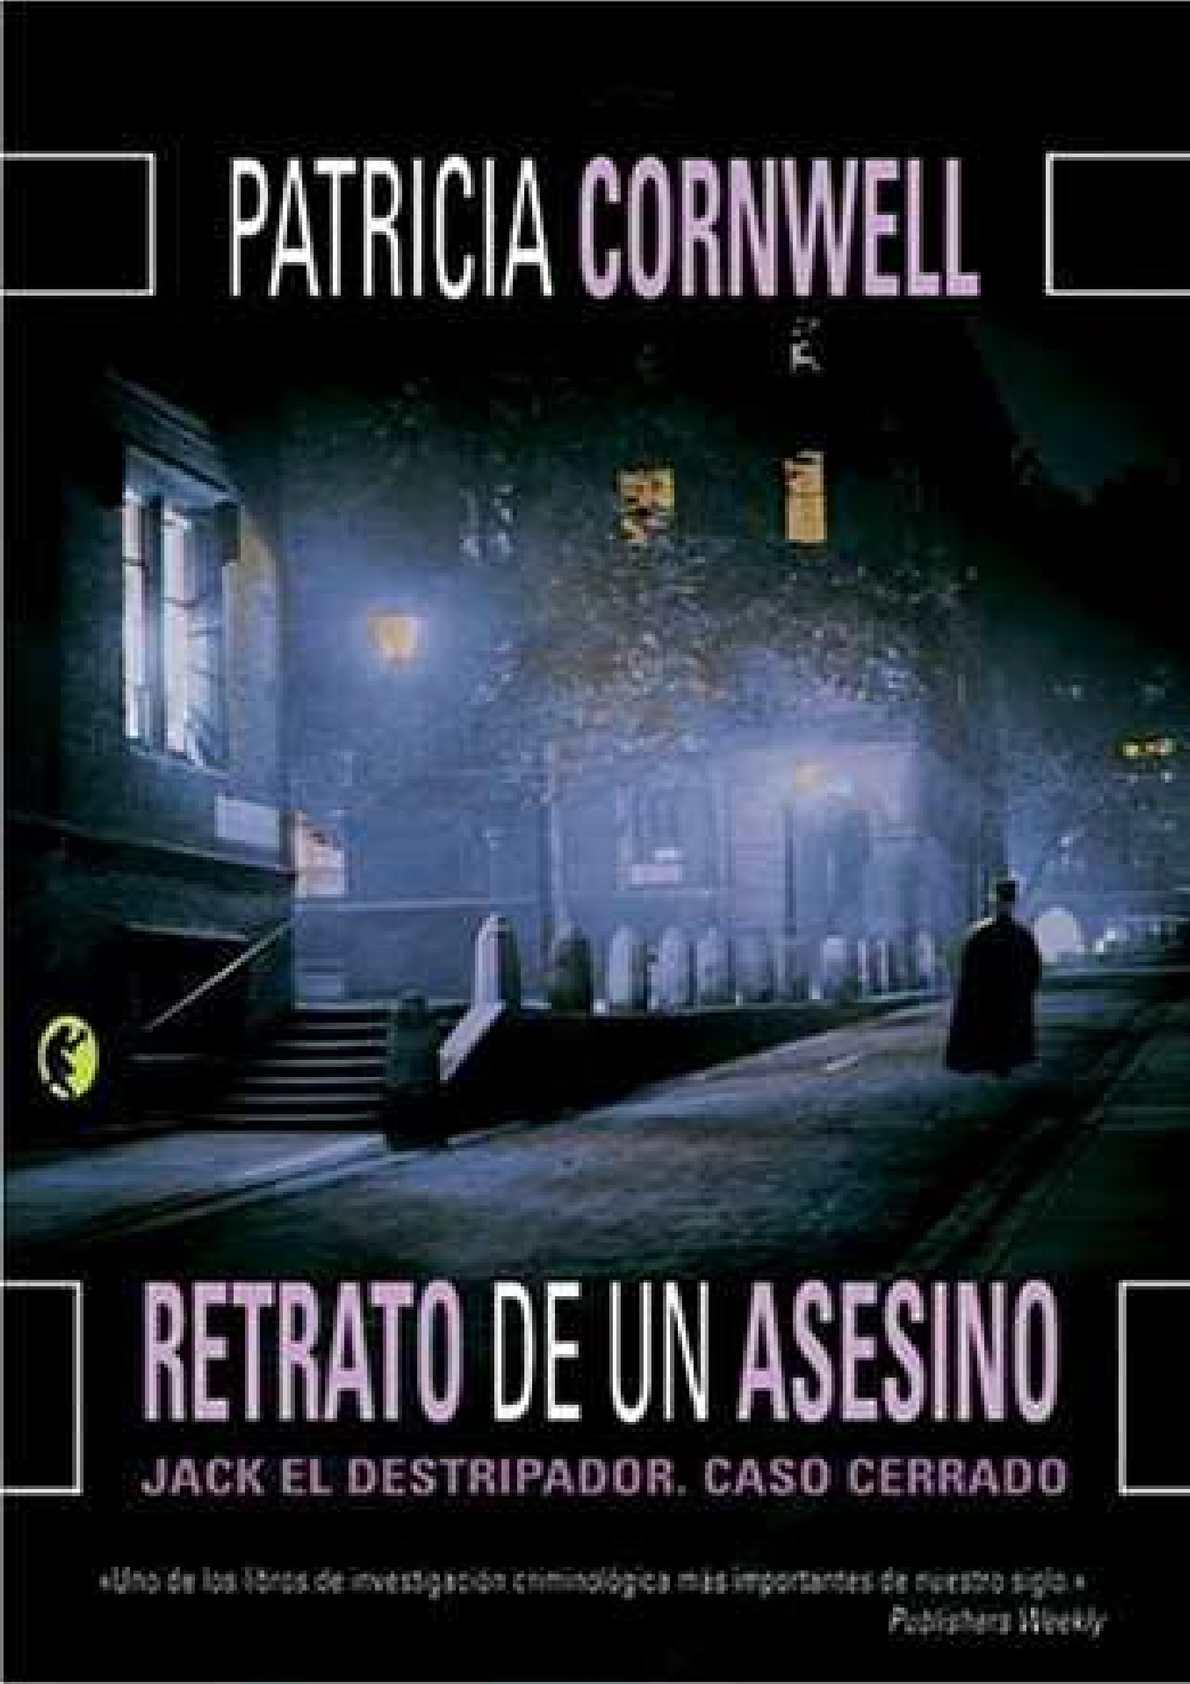 Calaméo - RETRATO DE UN ASESINO patricia cornweii